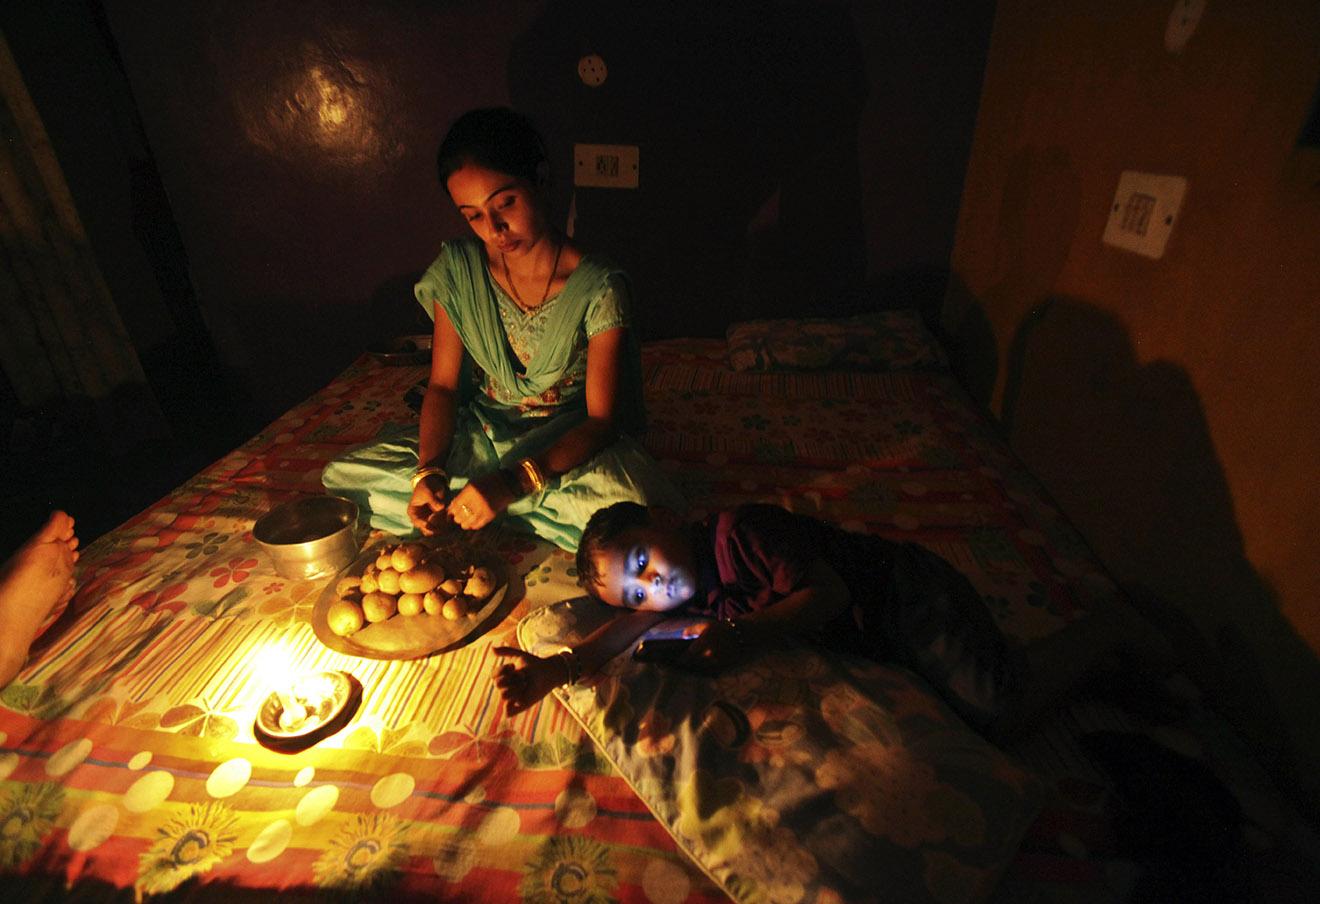 Джамму, Индия, 1 августа 2012 года.